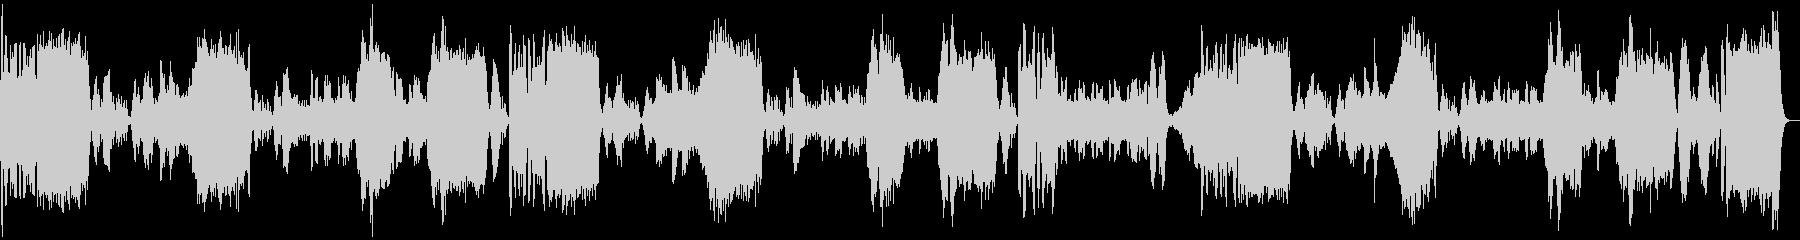 アイネ・クライネ・ナハトムジークの未再生の波形